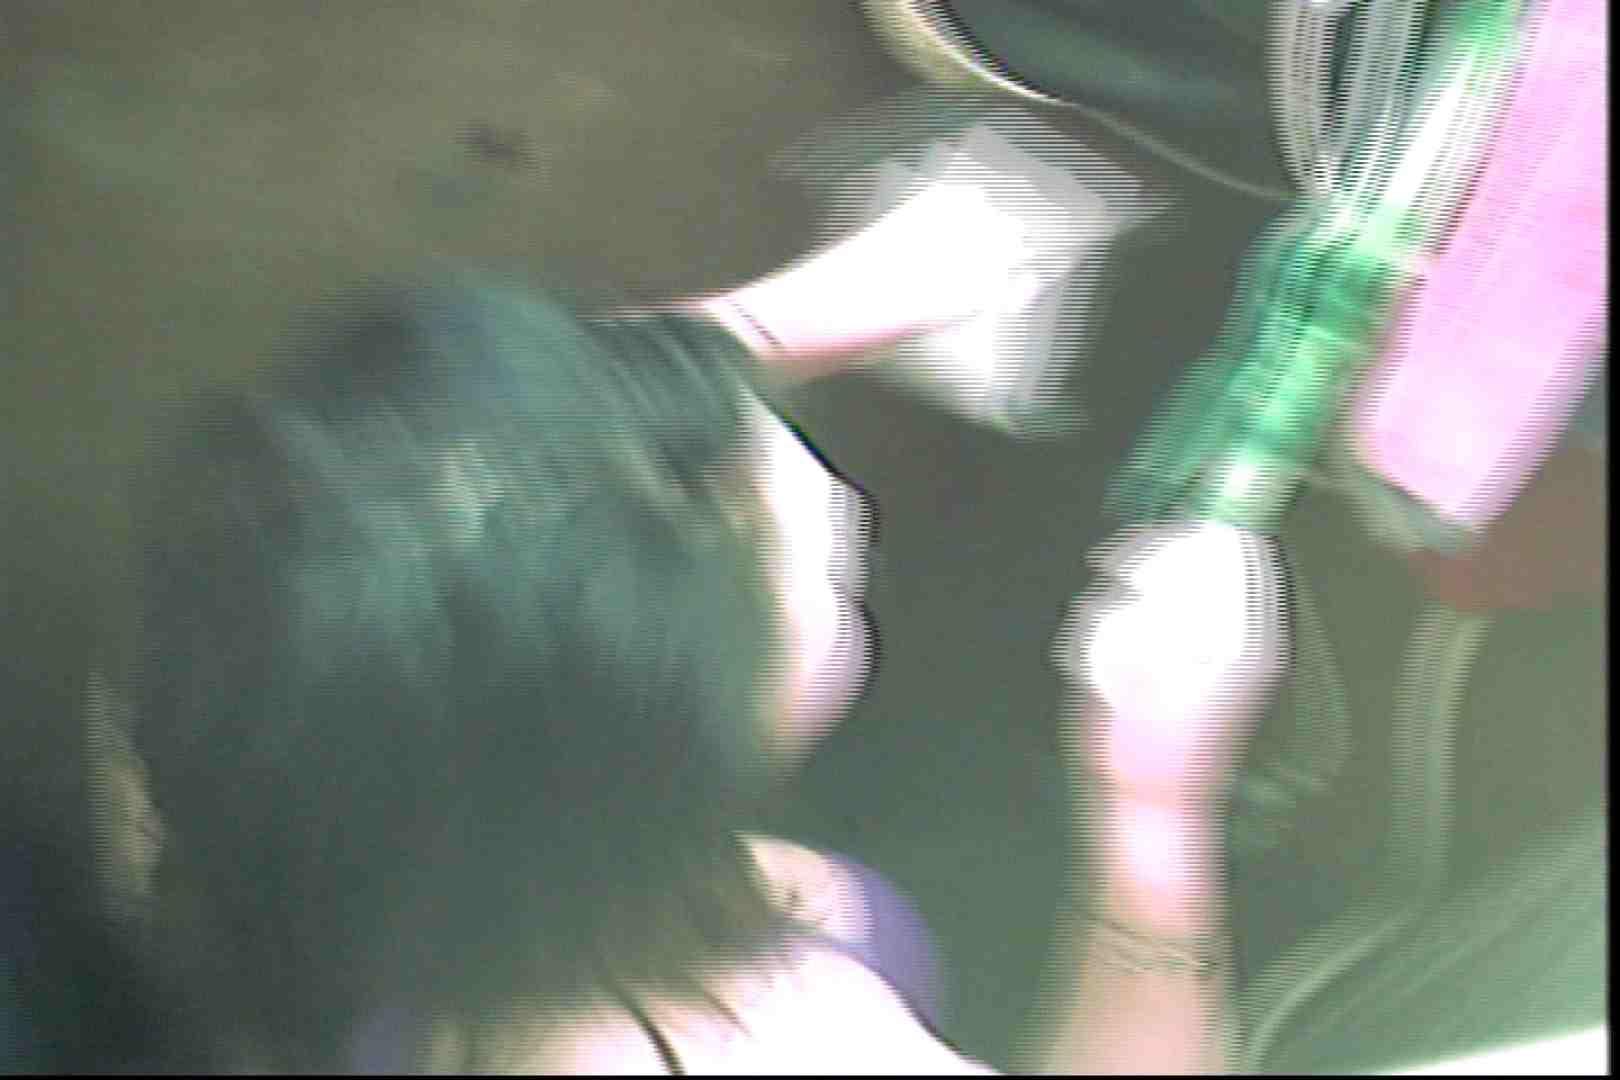 海の家の更衣室 Vol.49 美女のボディ AV無料動画キャプチャ 76PIX 5